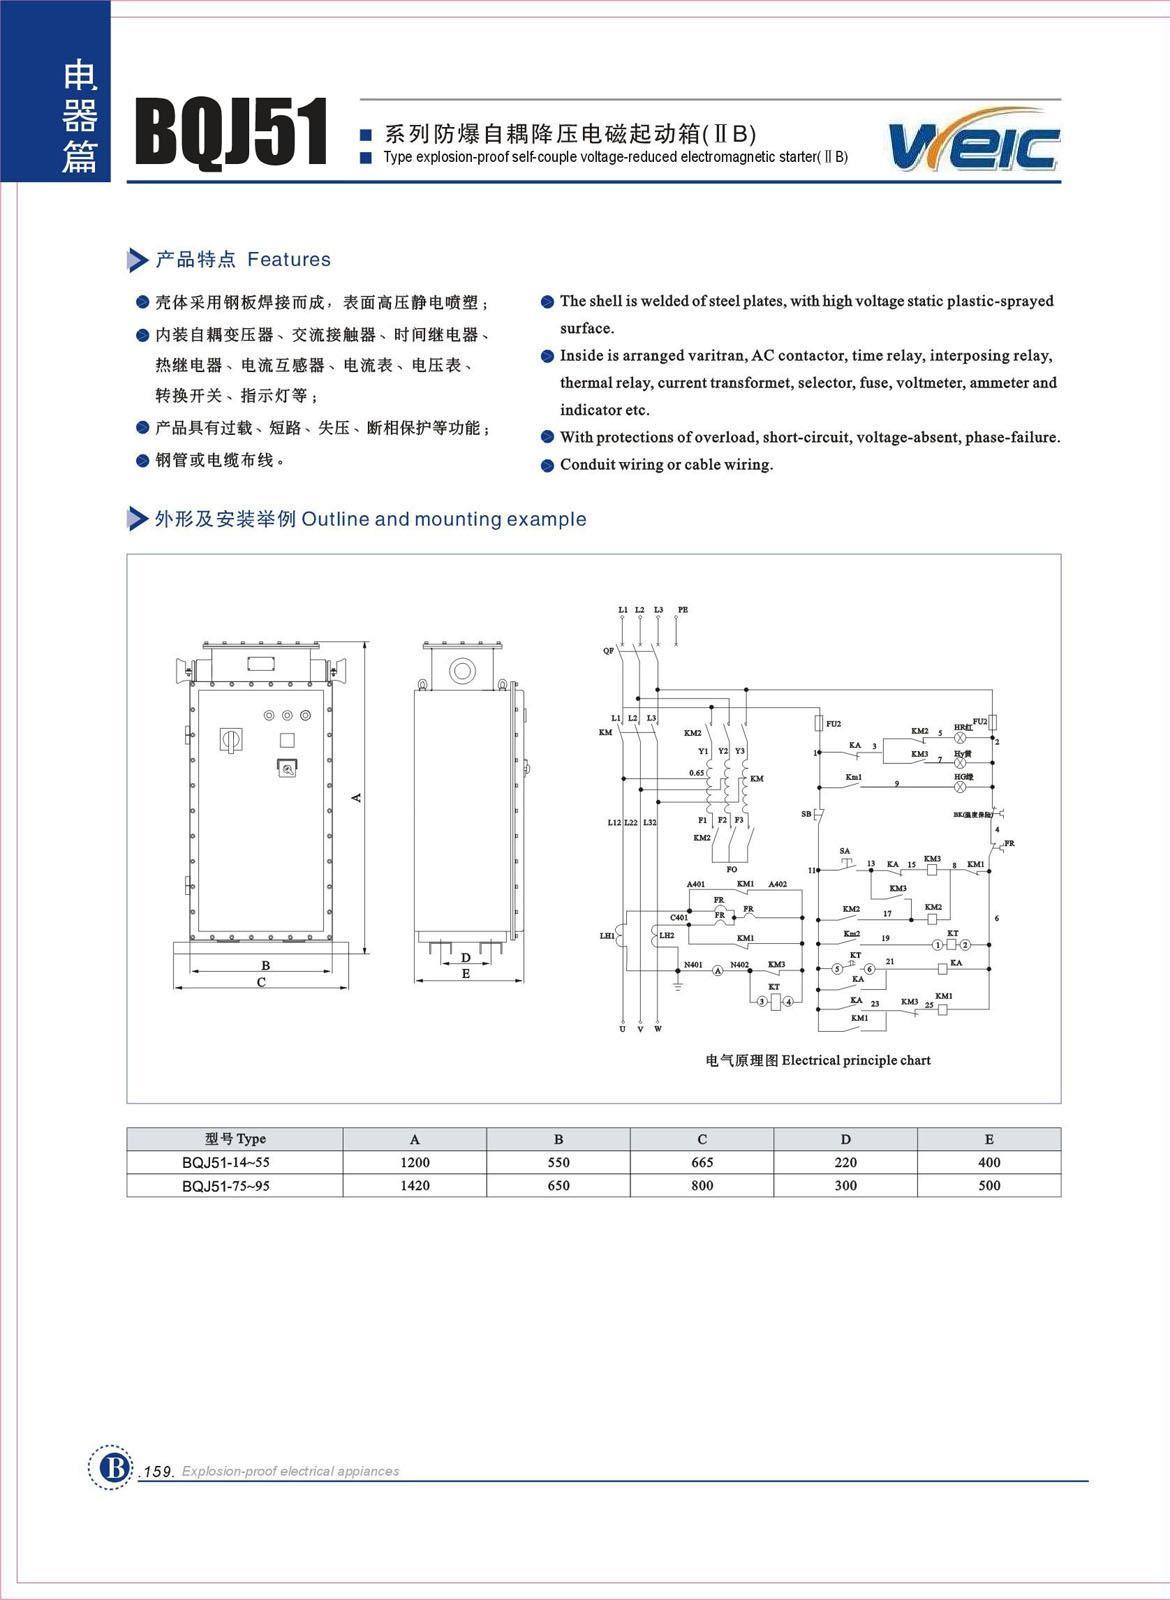 BQJ51启动自耦防爆图纸直销箱高品质降压厂电气as电磁图片